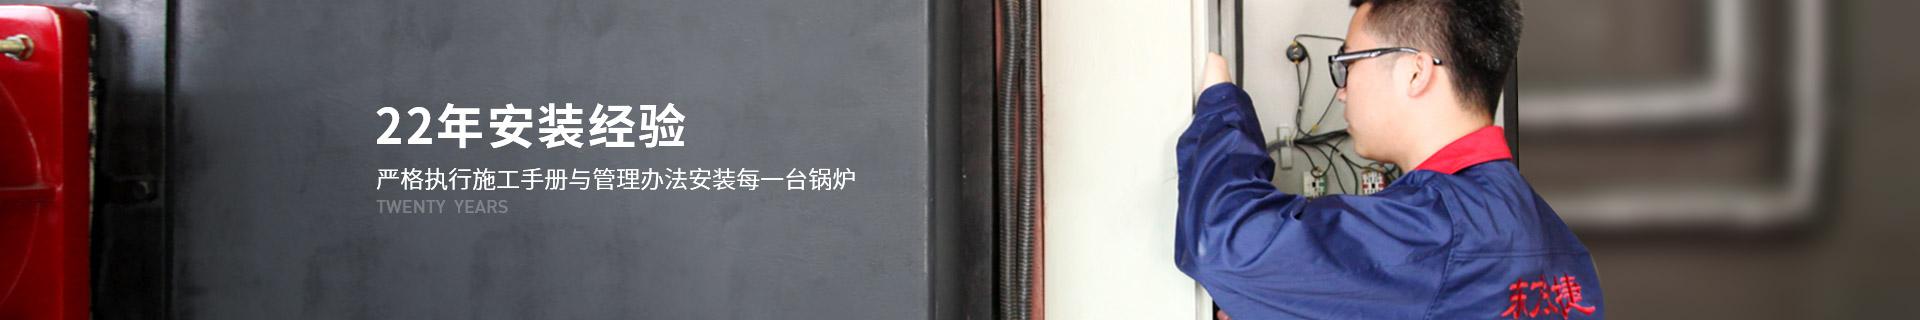 东方永捷22年锅炉房安装经验